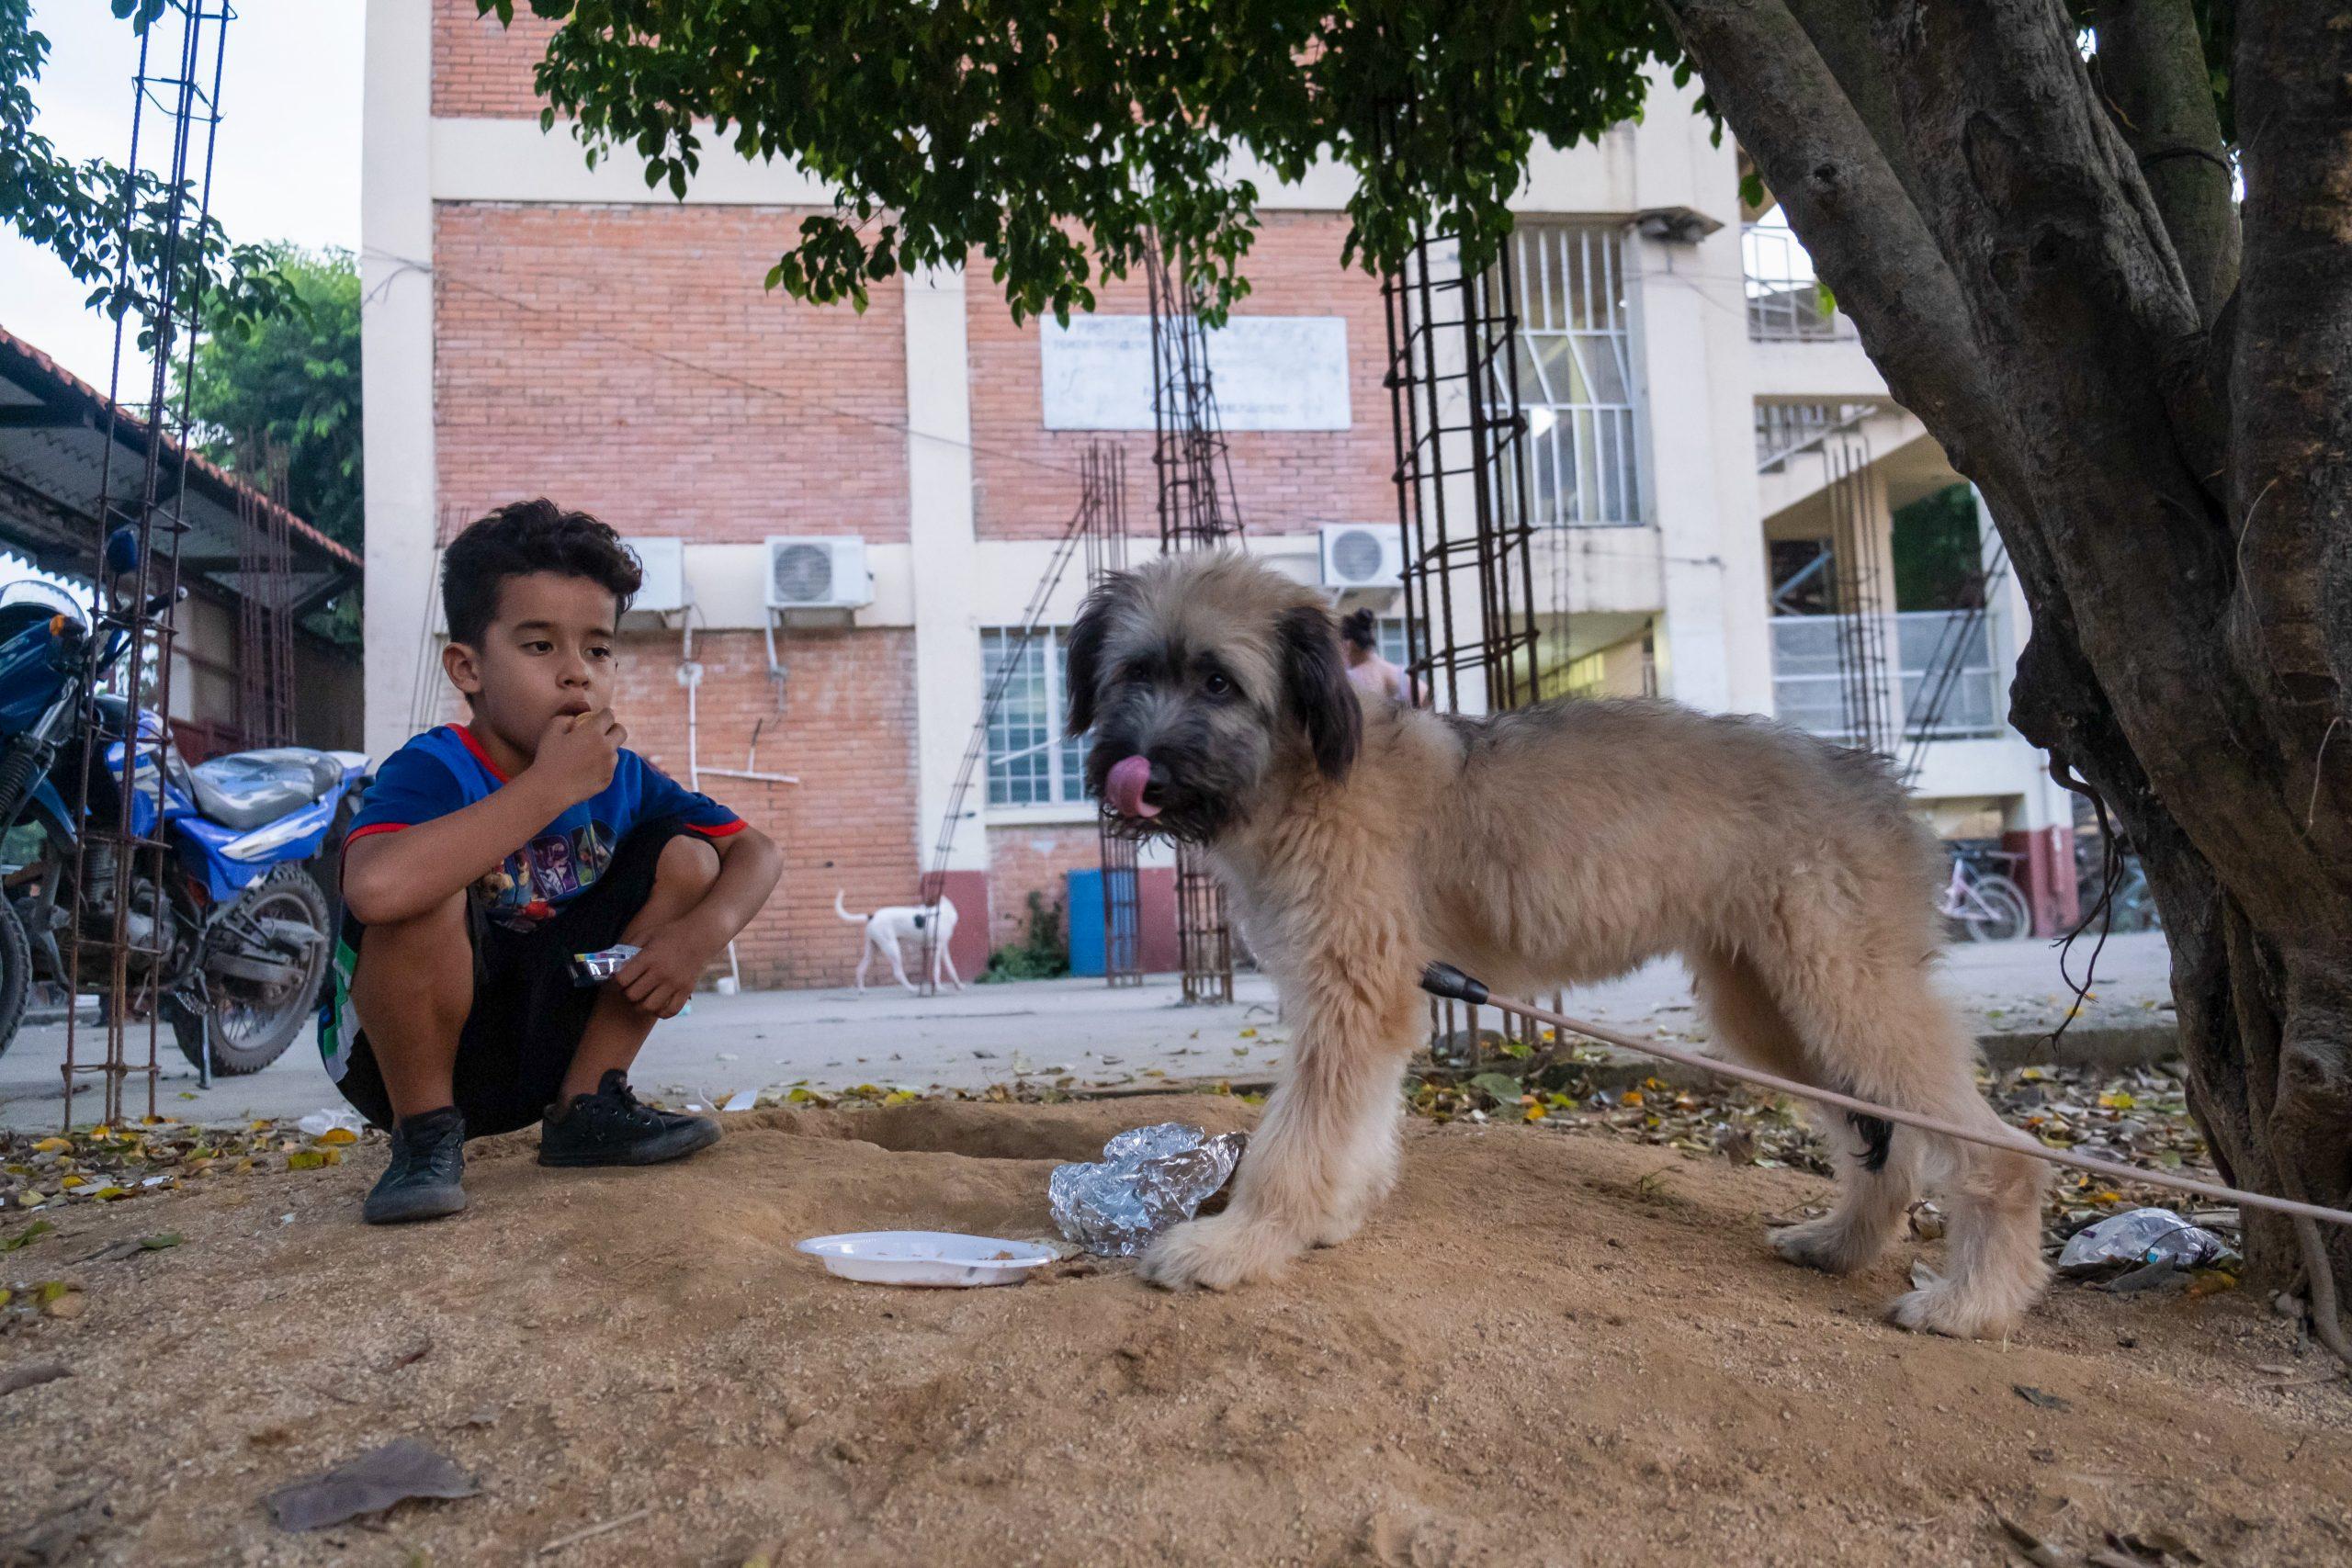 Un niño alimenta a su cachorro, ambos están albergados en el Instituto Eduardo Hernández Chévez. El Progreso, Yoro, 9 de noviembre de 2020. Foto: Deiby Yanes.